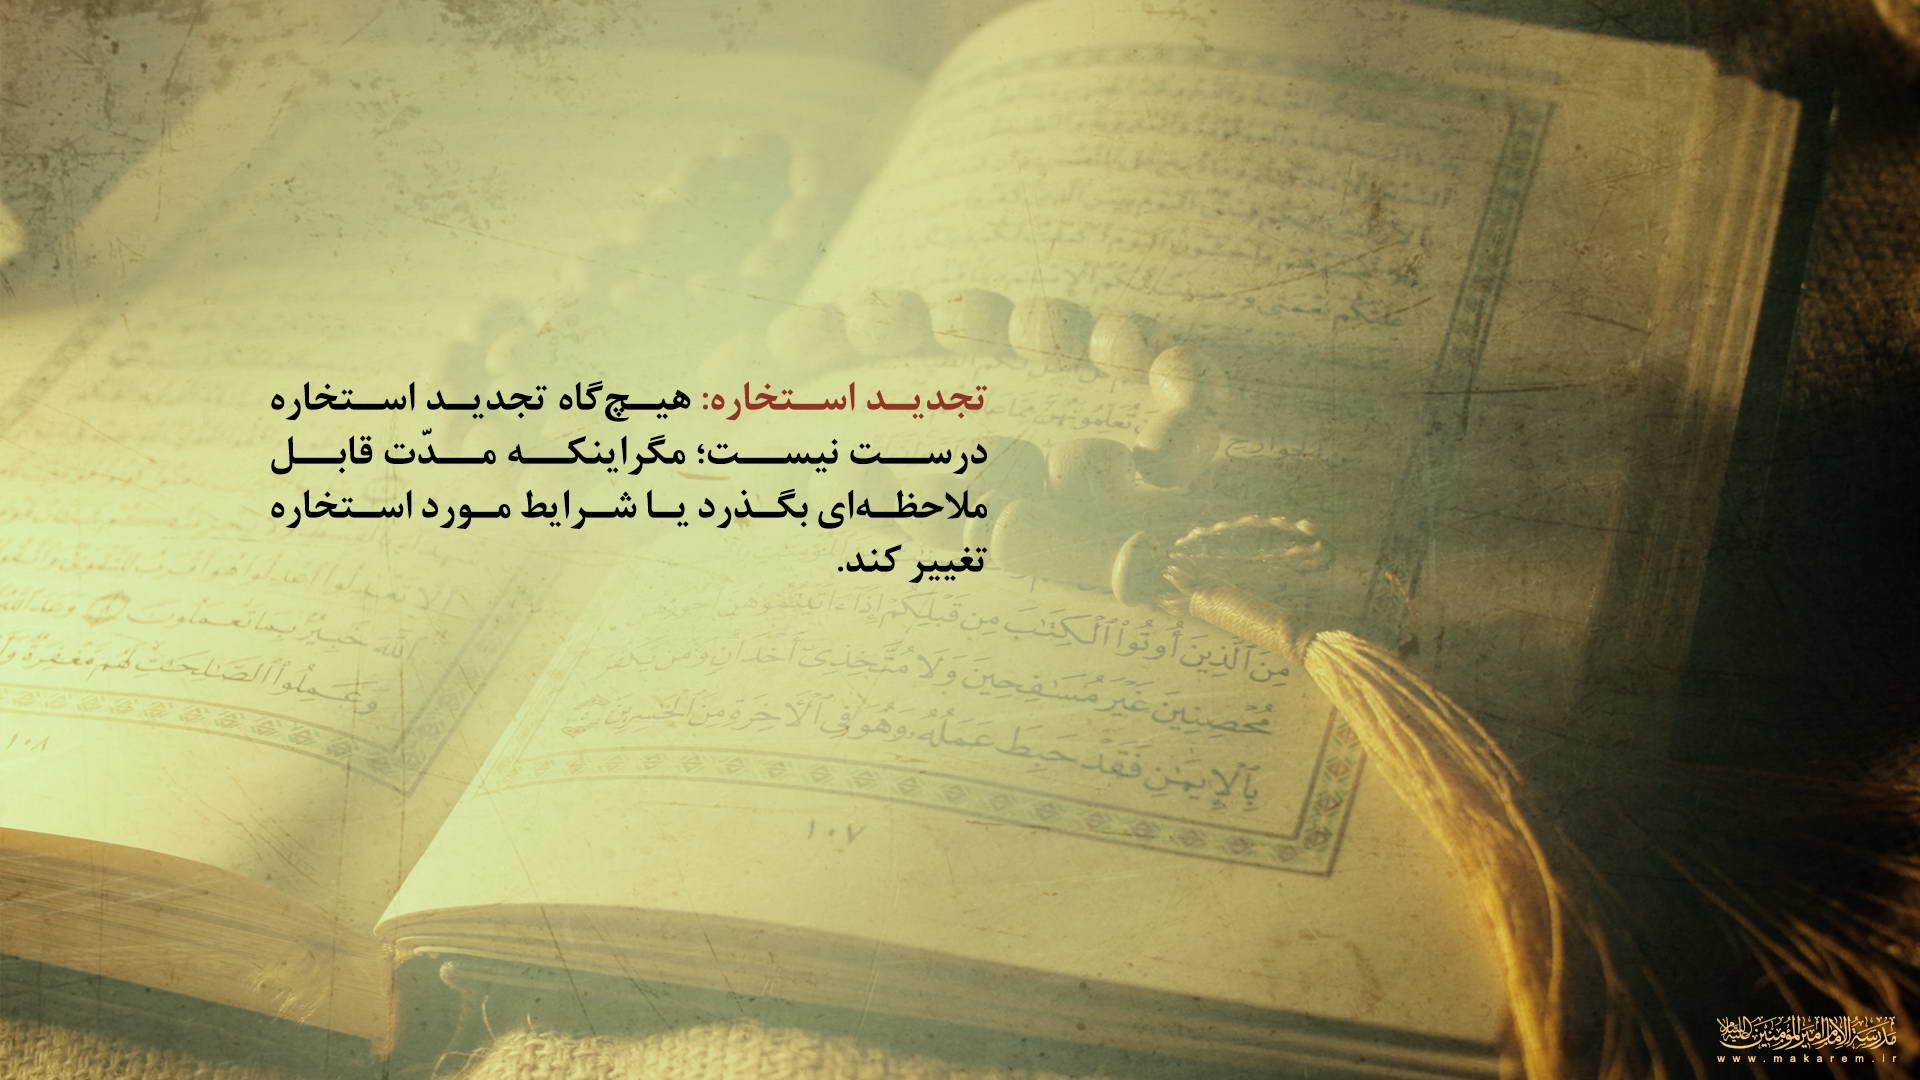 تجدید استخاره-مدرسه الامام امیر المومنین (ع)